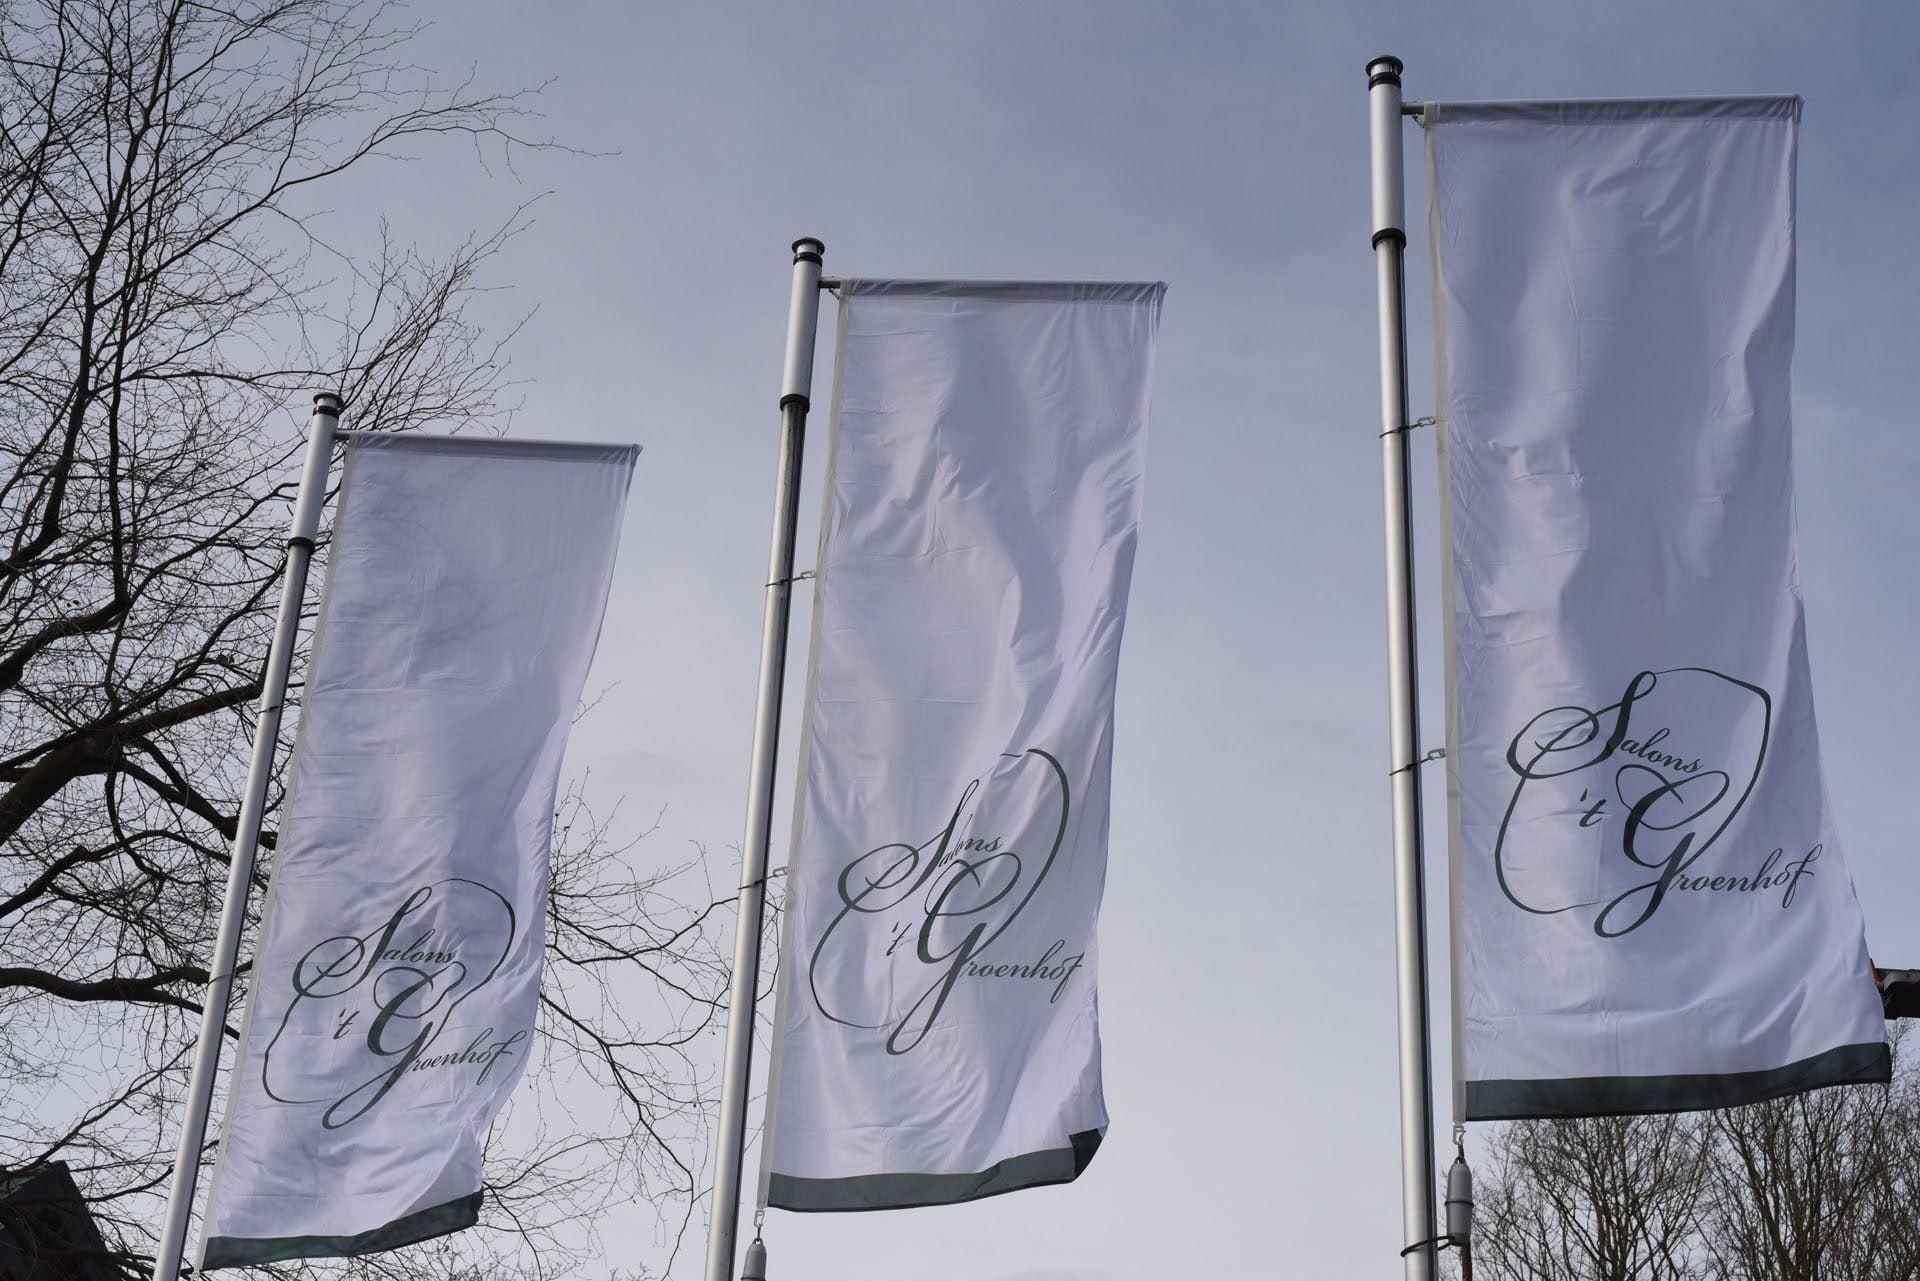 Nieuws & Events - Salons 't Groenhof